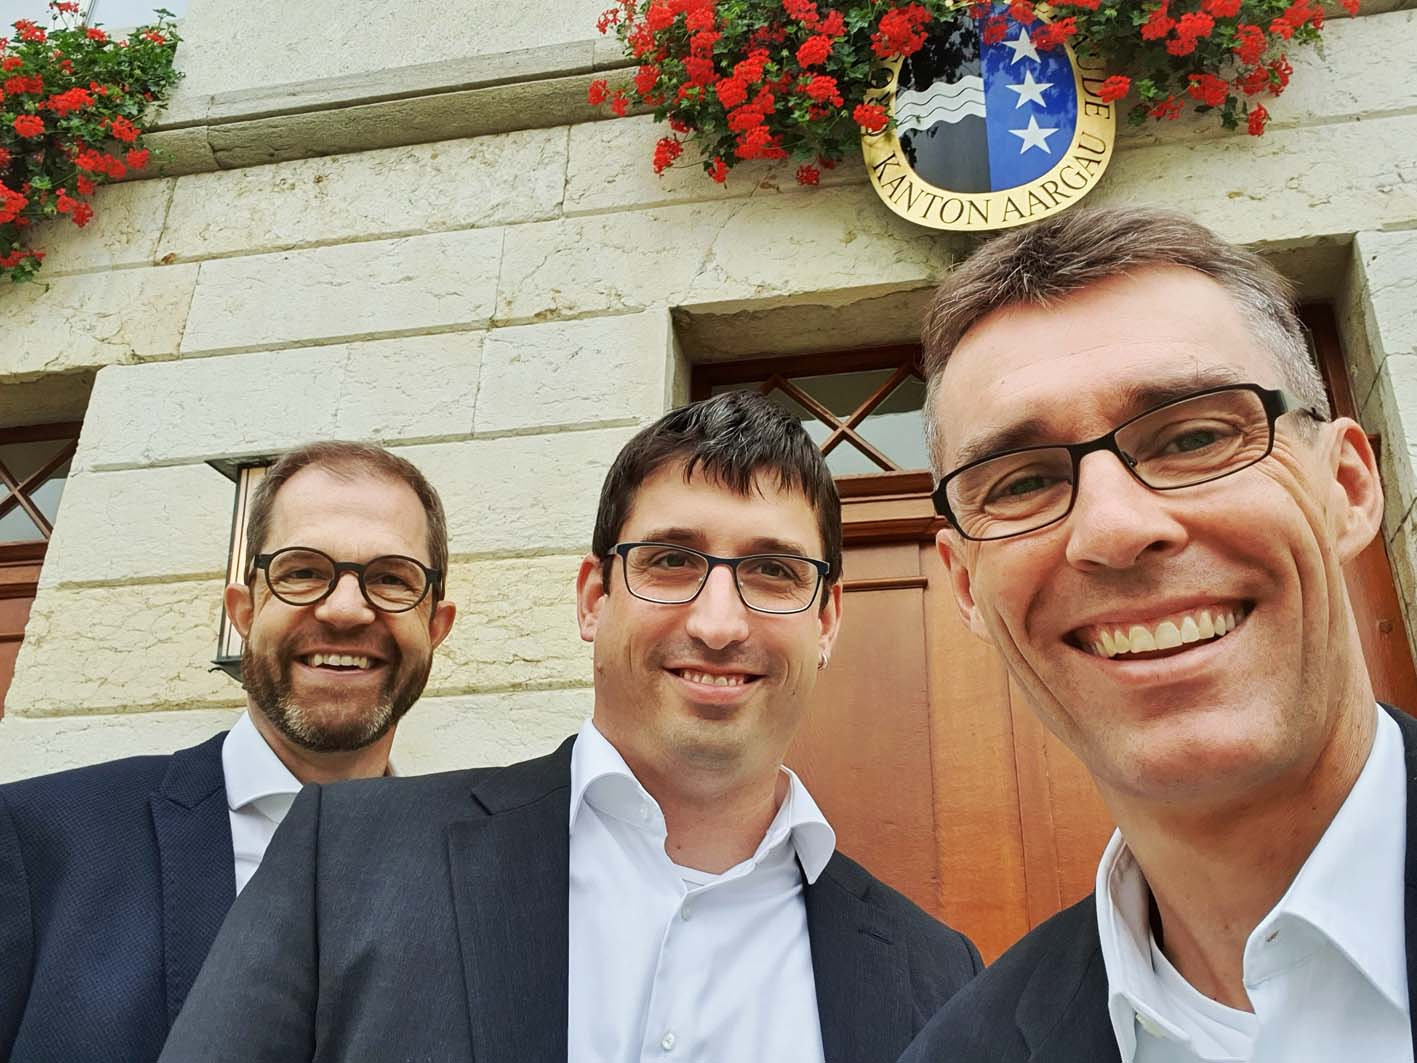 Letzte Kommissionssitzung vor den Grossratswahlen - FDP-Vertretung (Lukas, Stefan, Gabriel. von r.n.l.)